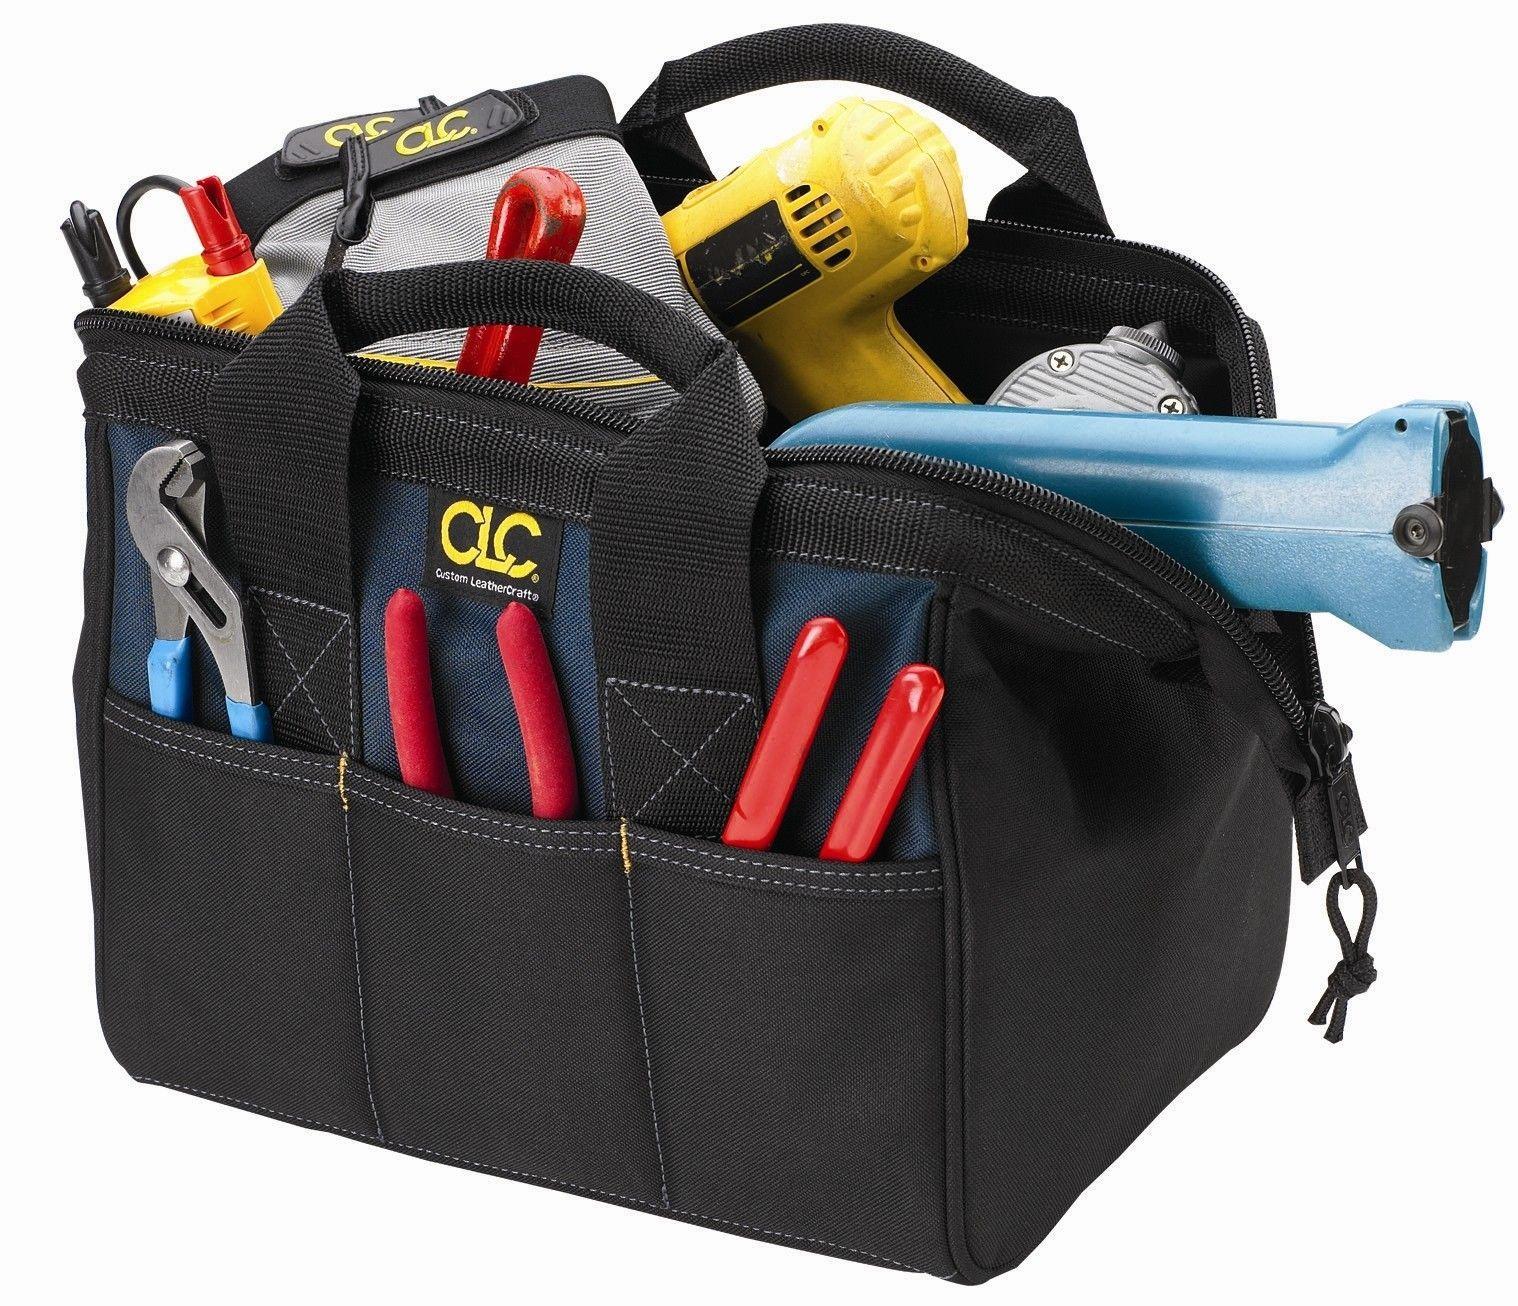 Clc 23 Pocket Tool Bag